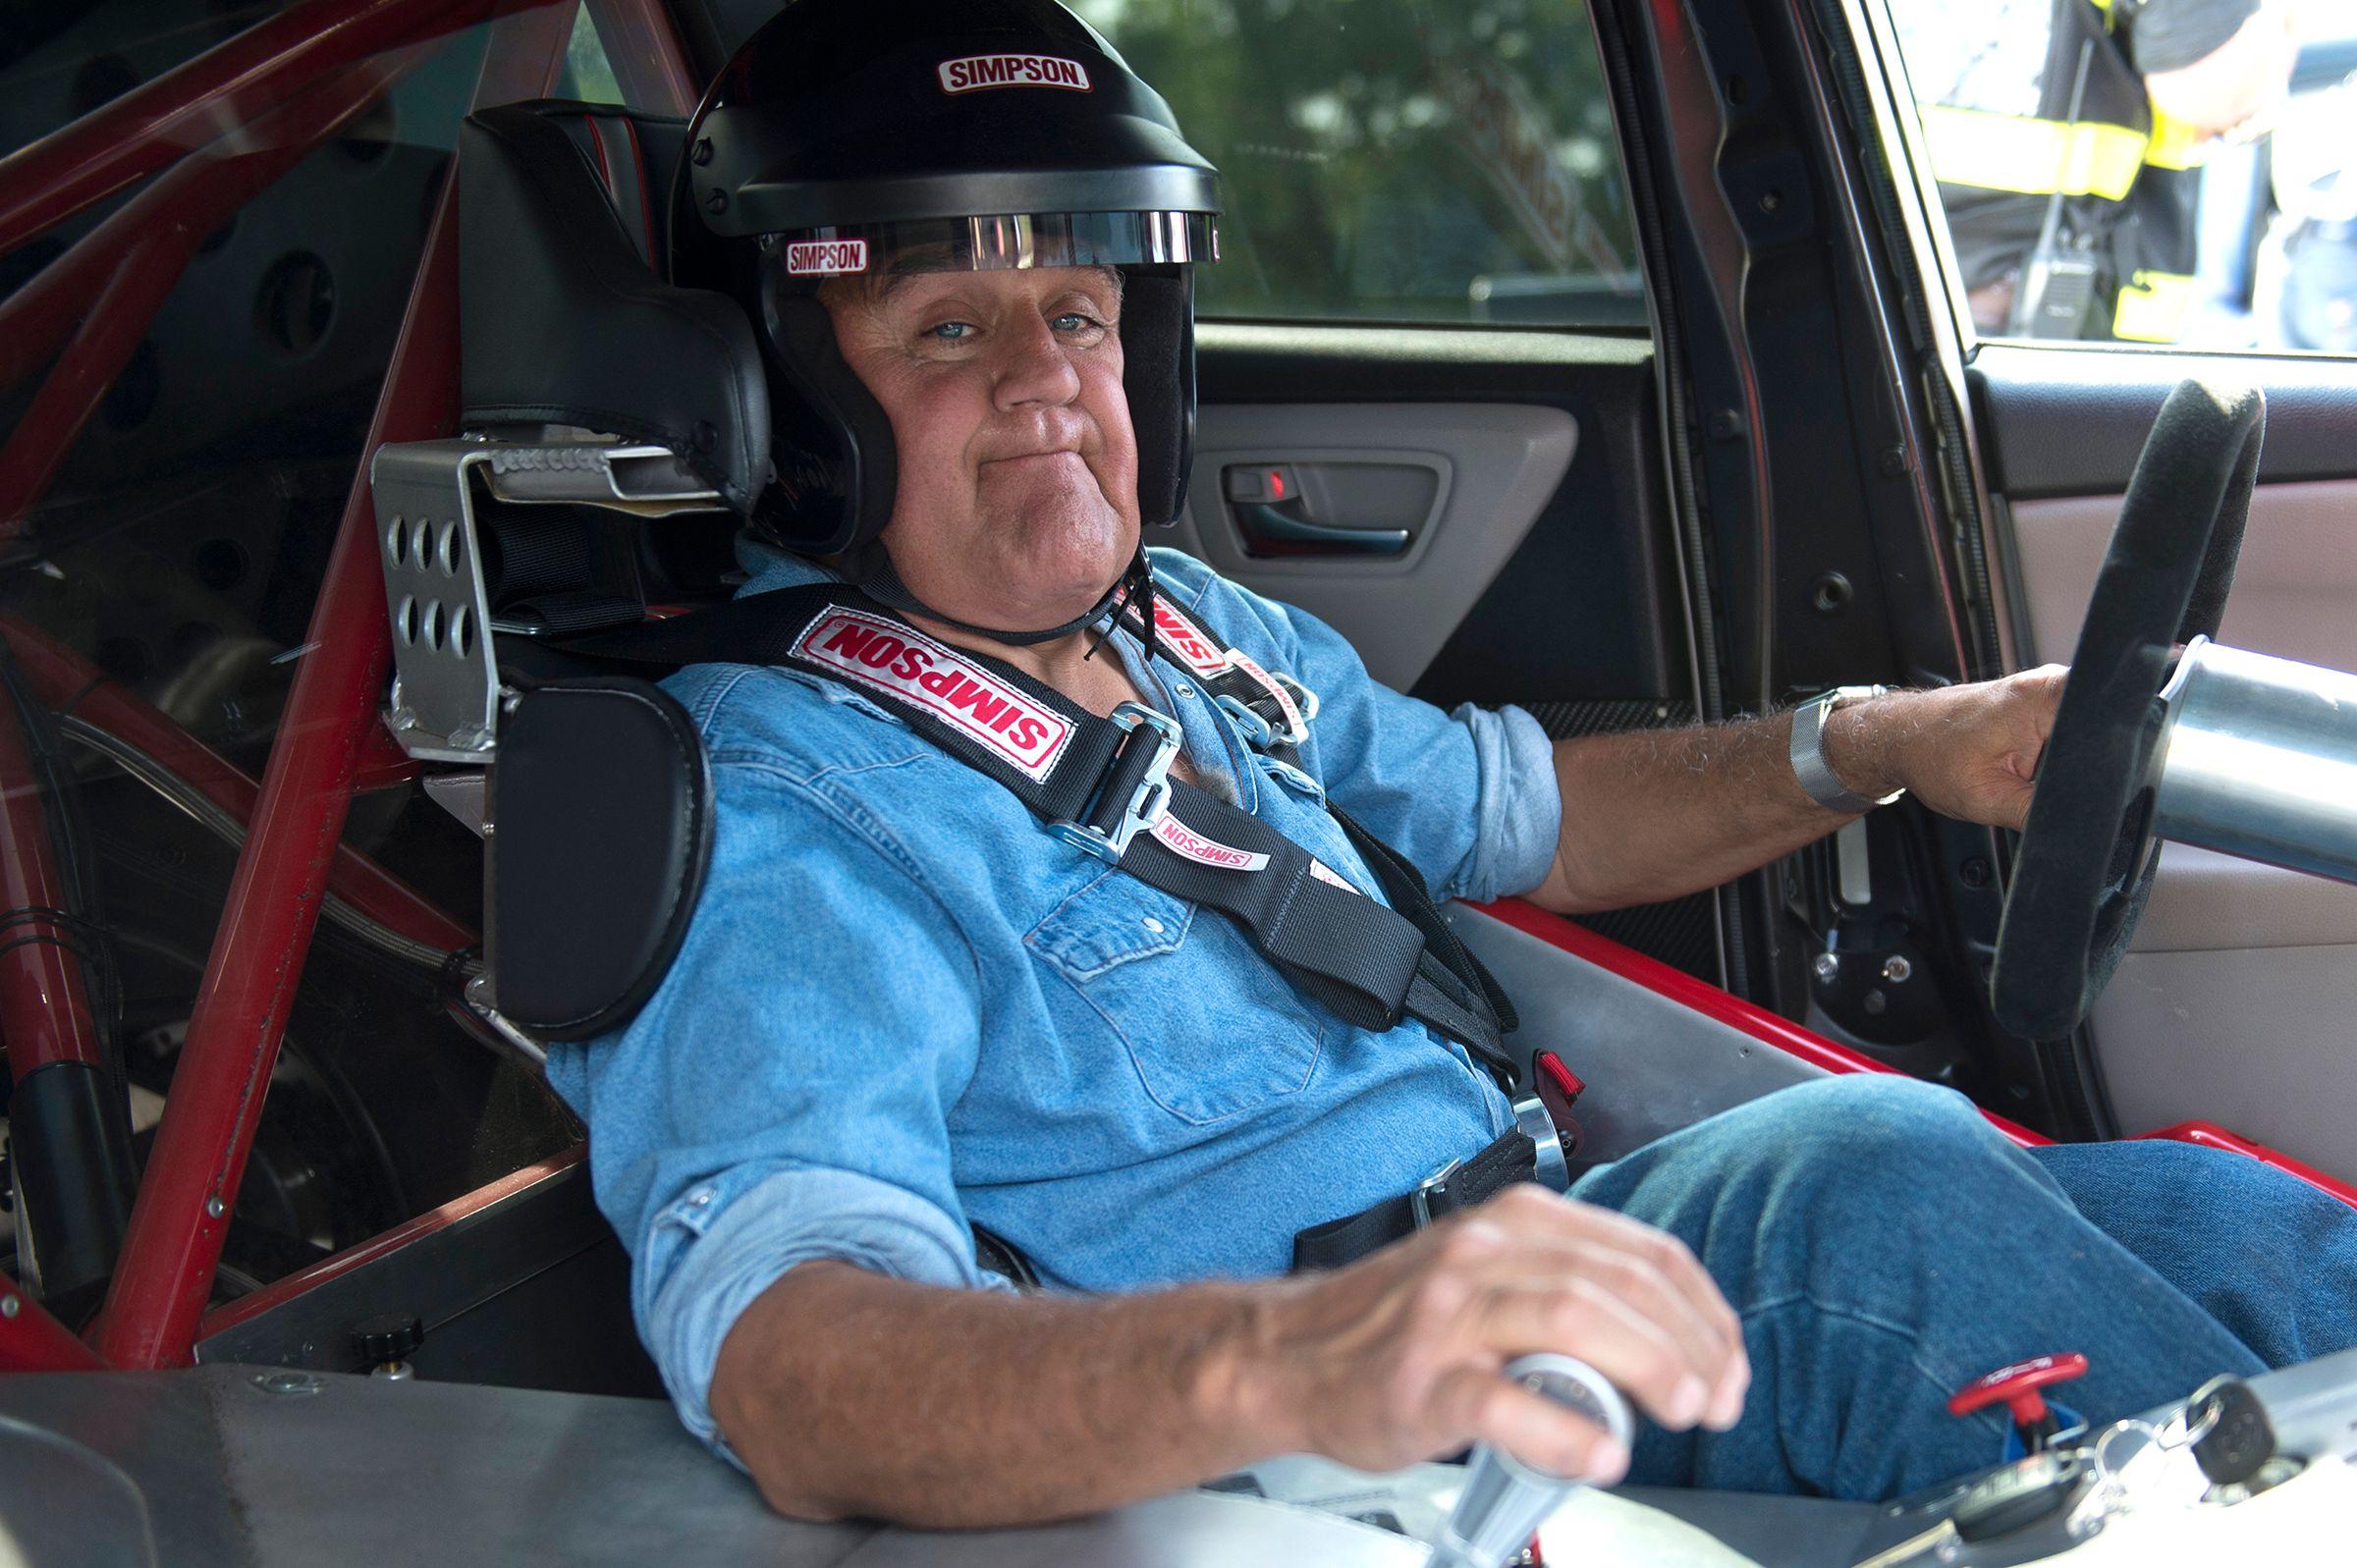 jay in racecar.jpg